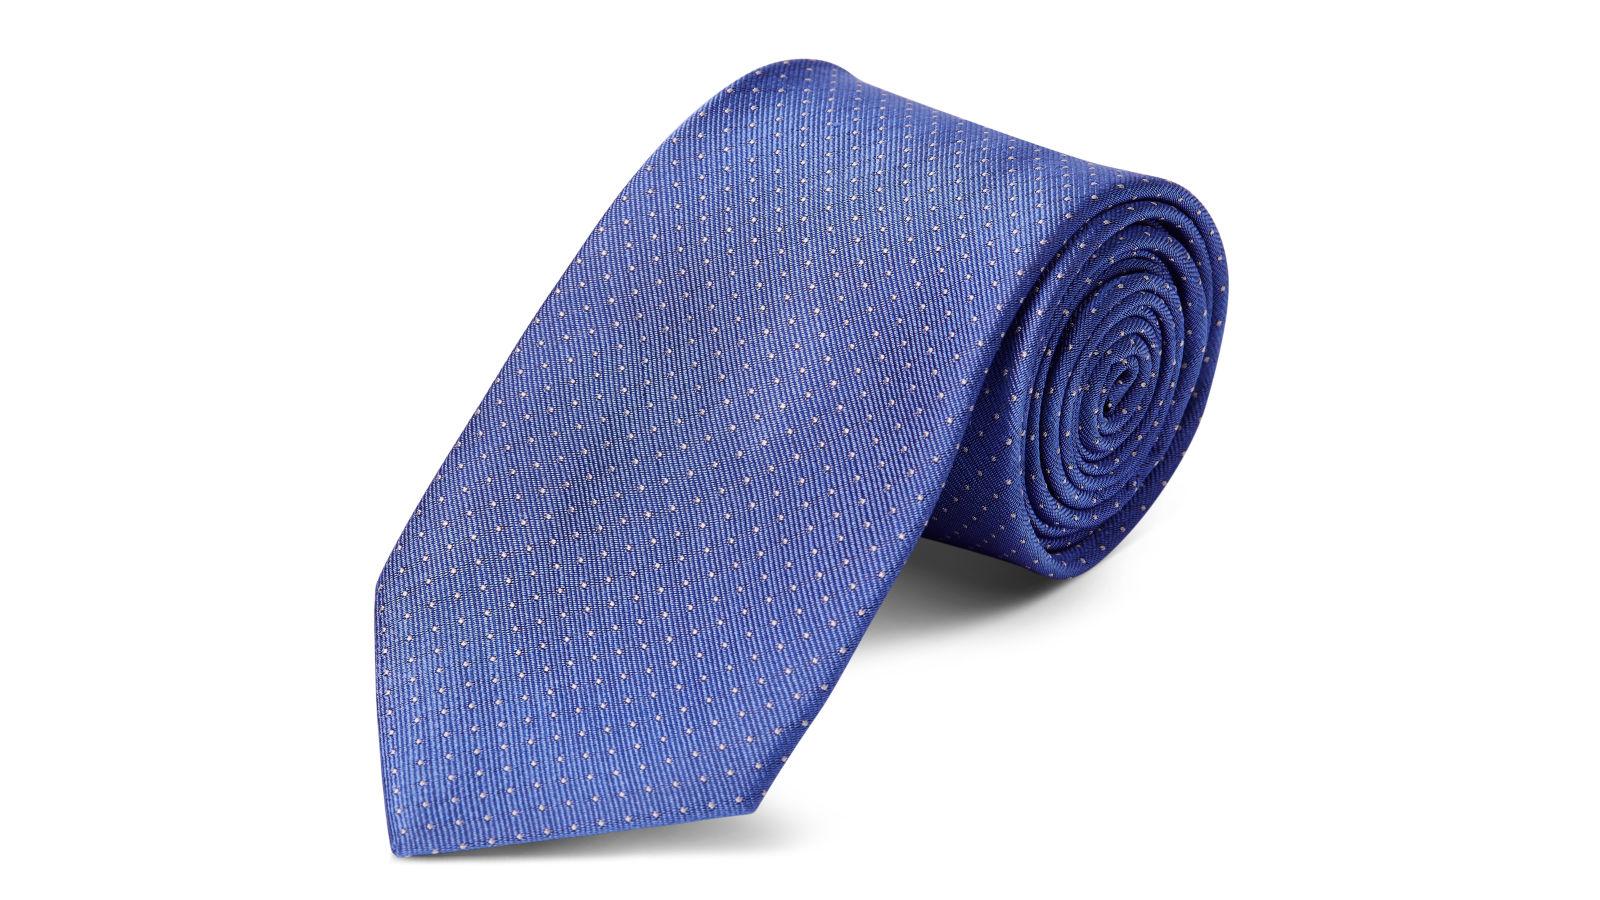 e7820a1e87 Pasztellkék selyem nyakkendő fehér pöttyös mintával - 8 cm | Készleten! |  TND Basics